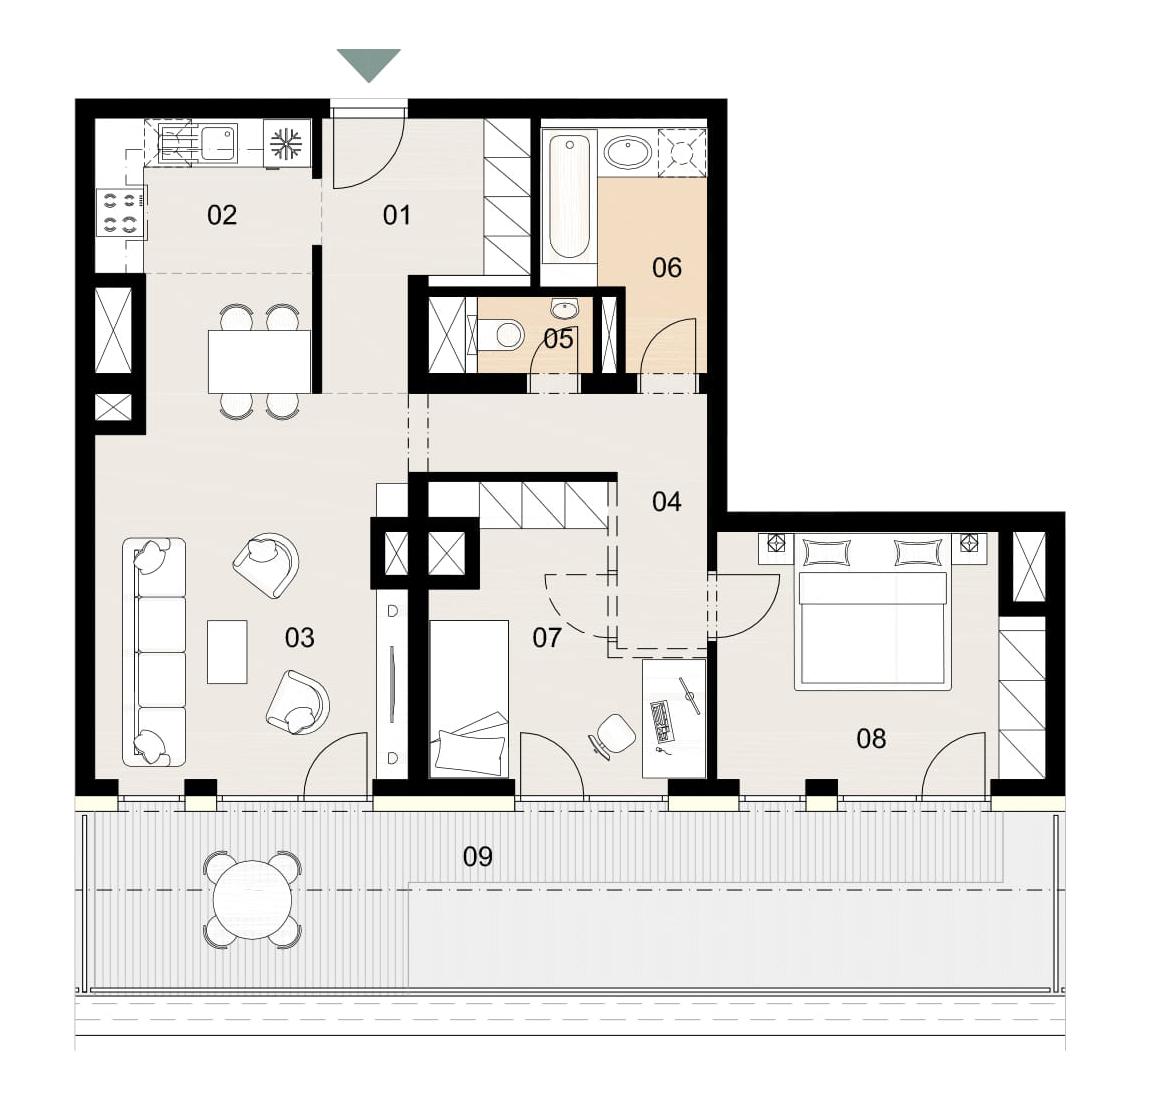 Rosenhaus byt 1104, 3-izbový. Novostavba Vrakuňa.